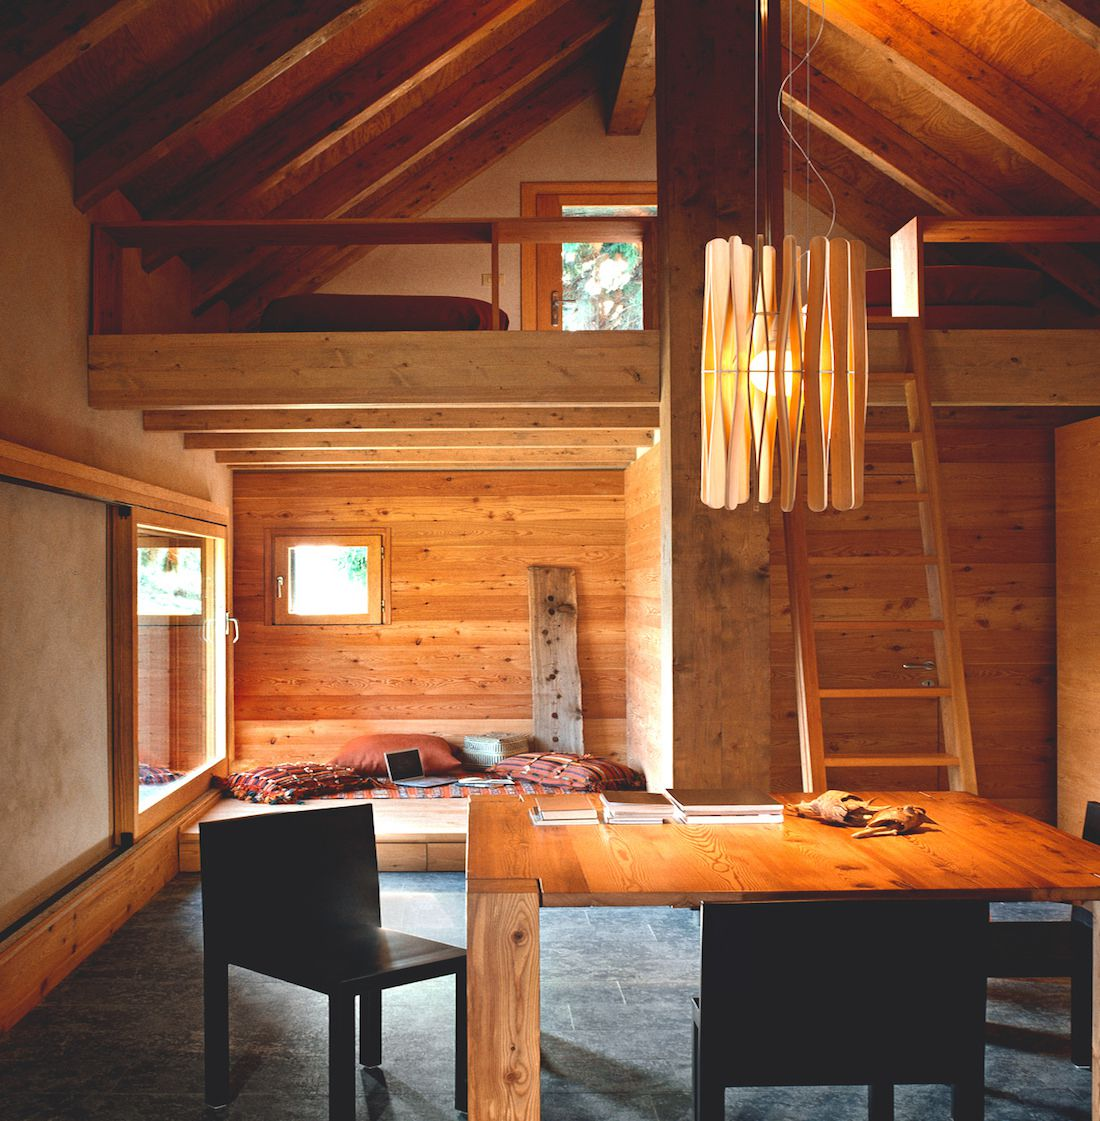 Amueblar y decorar una casa en la monta a for Amueblar casa completa